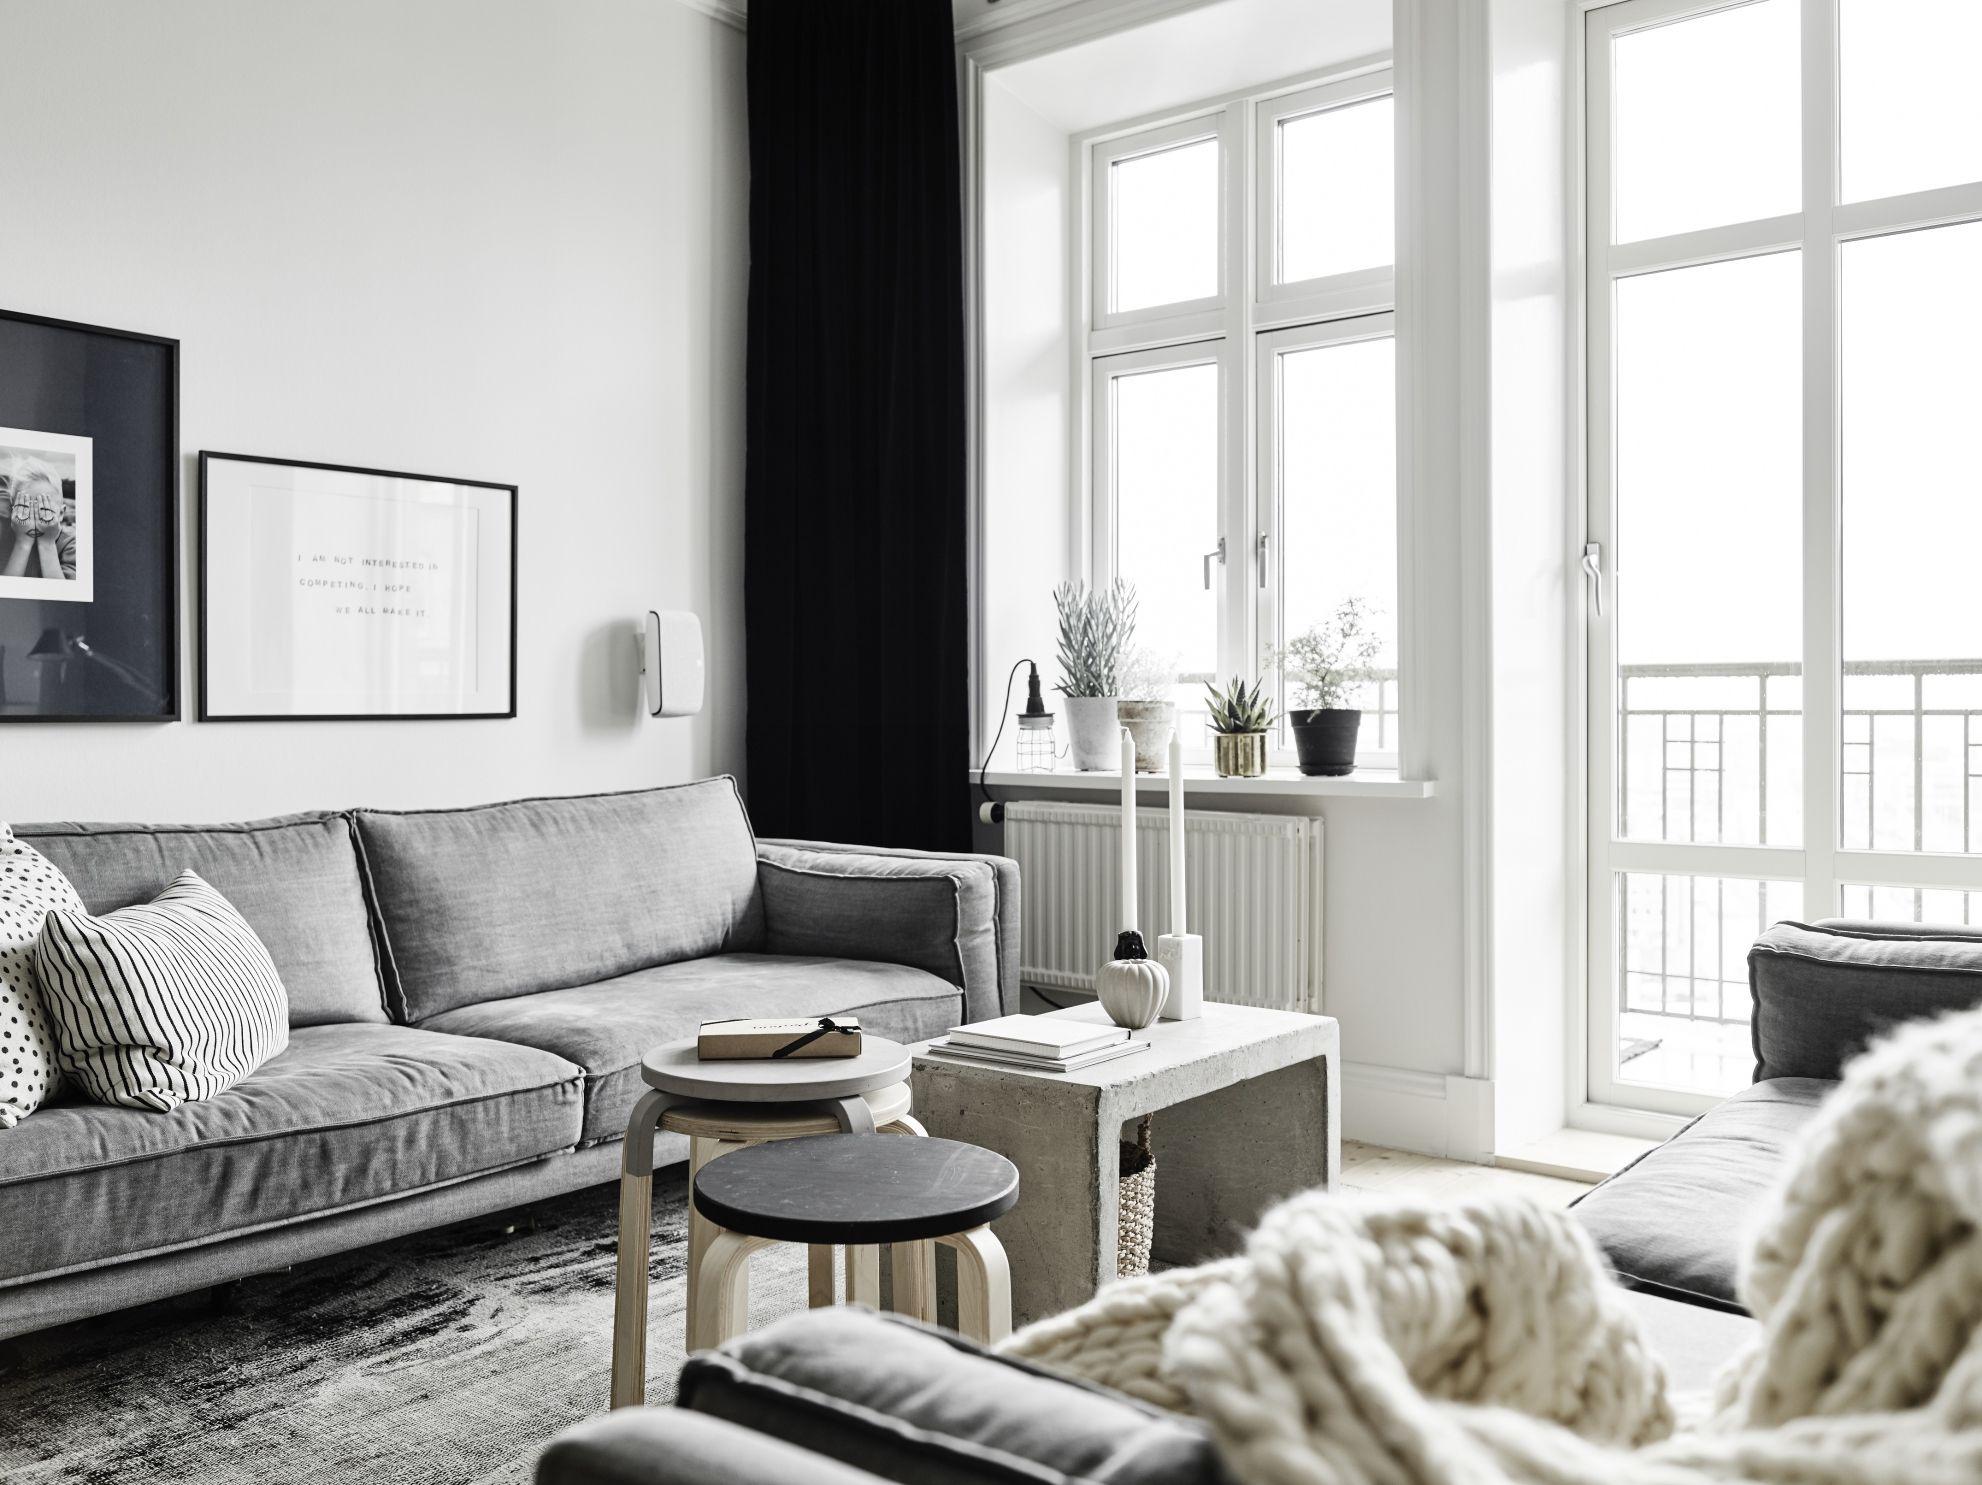 Witte Zweedse Woonkamer : Het lijkt net alsof de beelden van dit zweedse huis in zwart wit